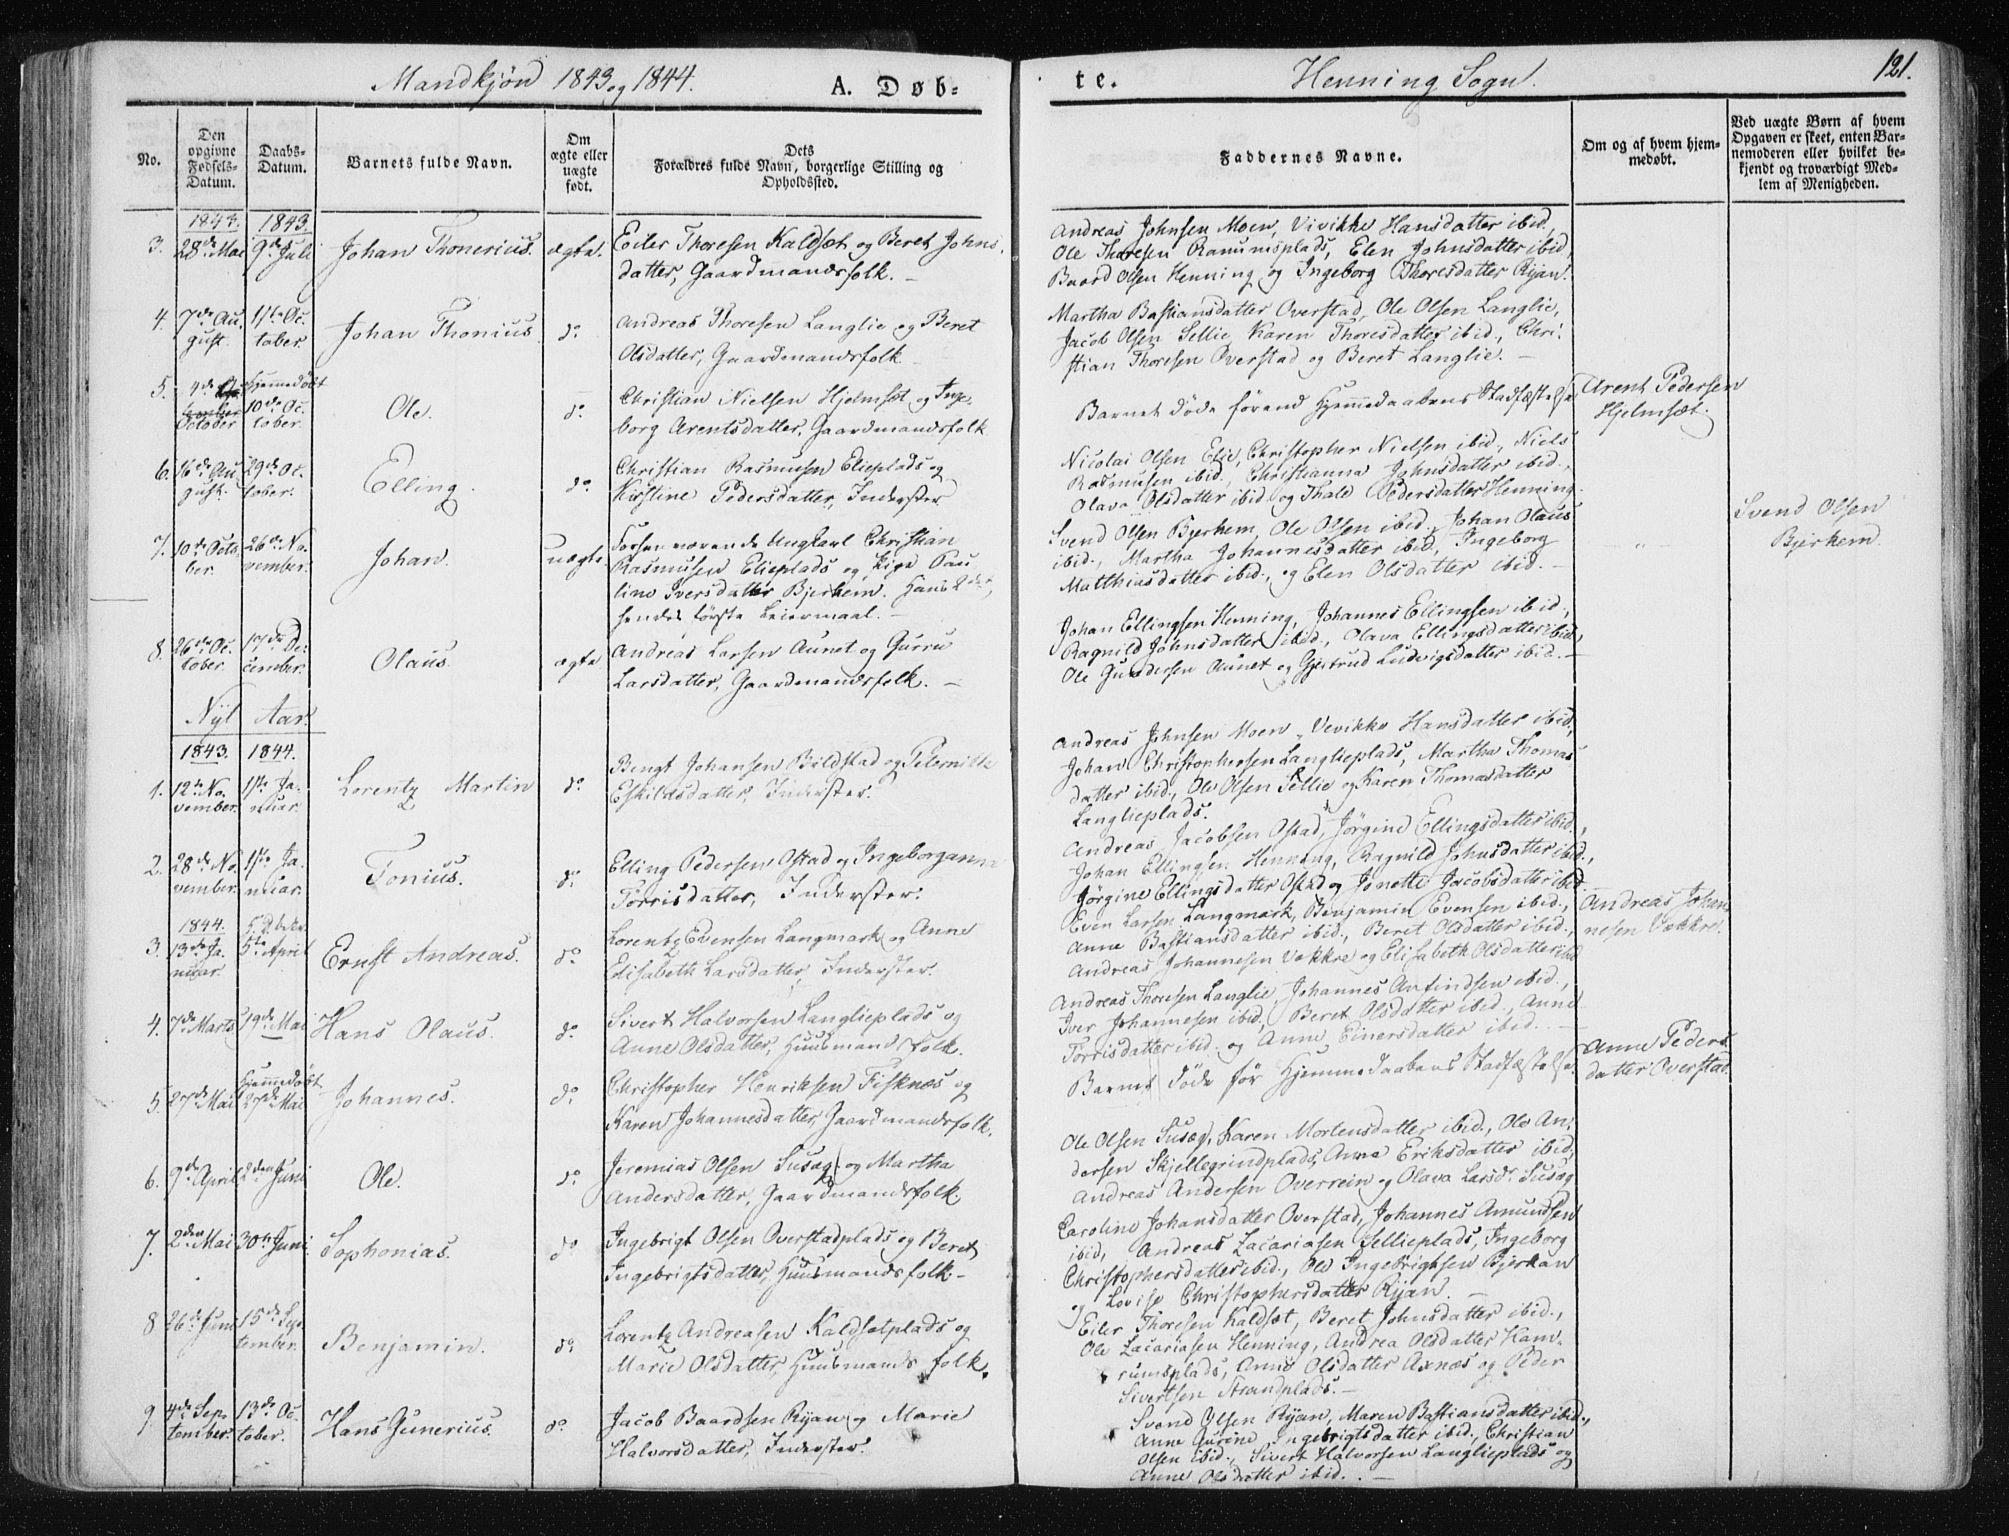 SAT, Ministerialprotokoller, klokkerbøker og fødselsregistre - Nord-Trøndelag, 735/L0339: Ministerialbok nr. 735A06 /3, 1836-1848, s. 121